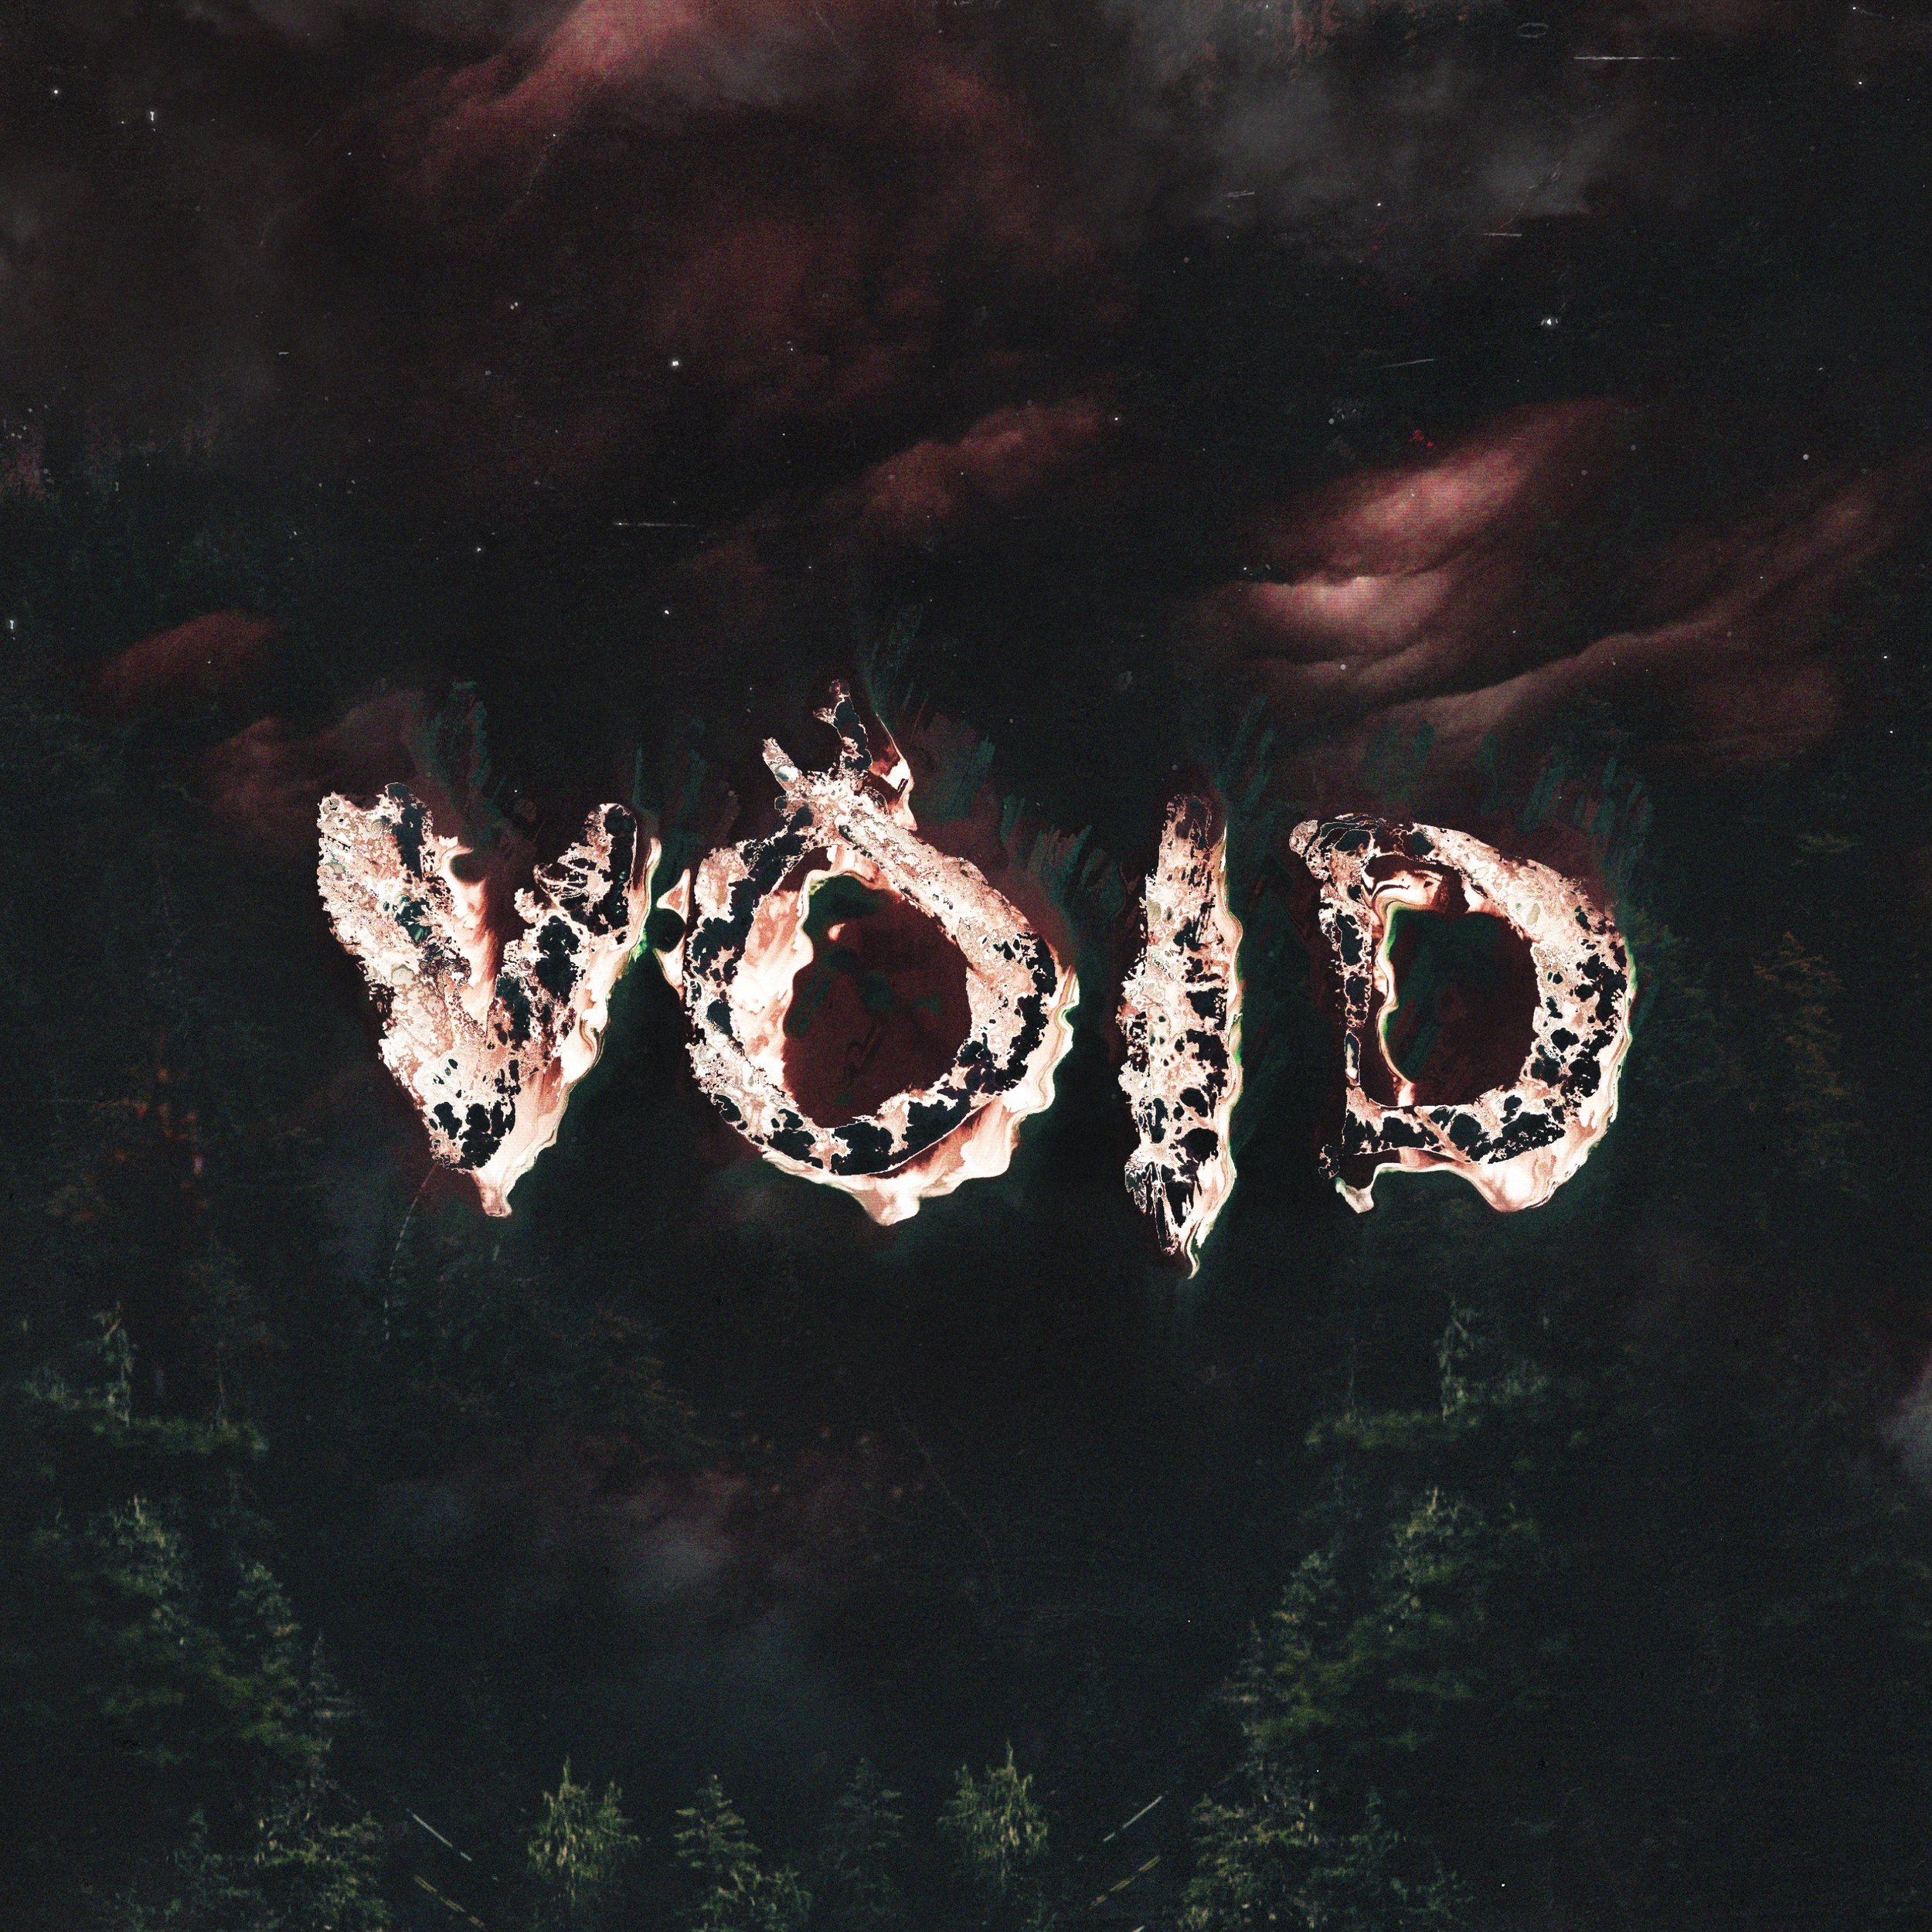 Kraysh - Void EP